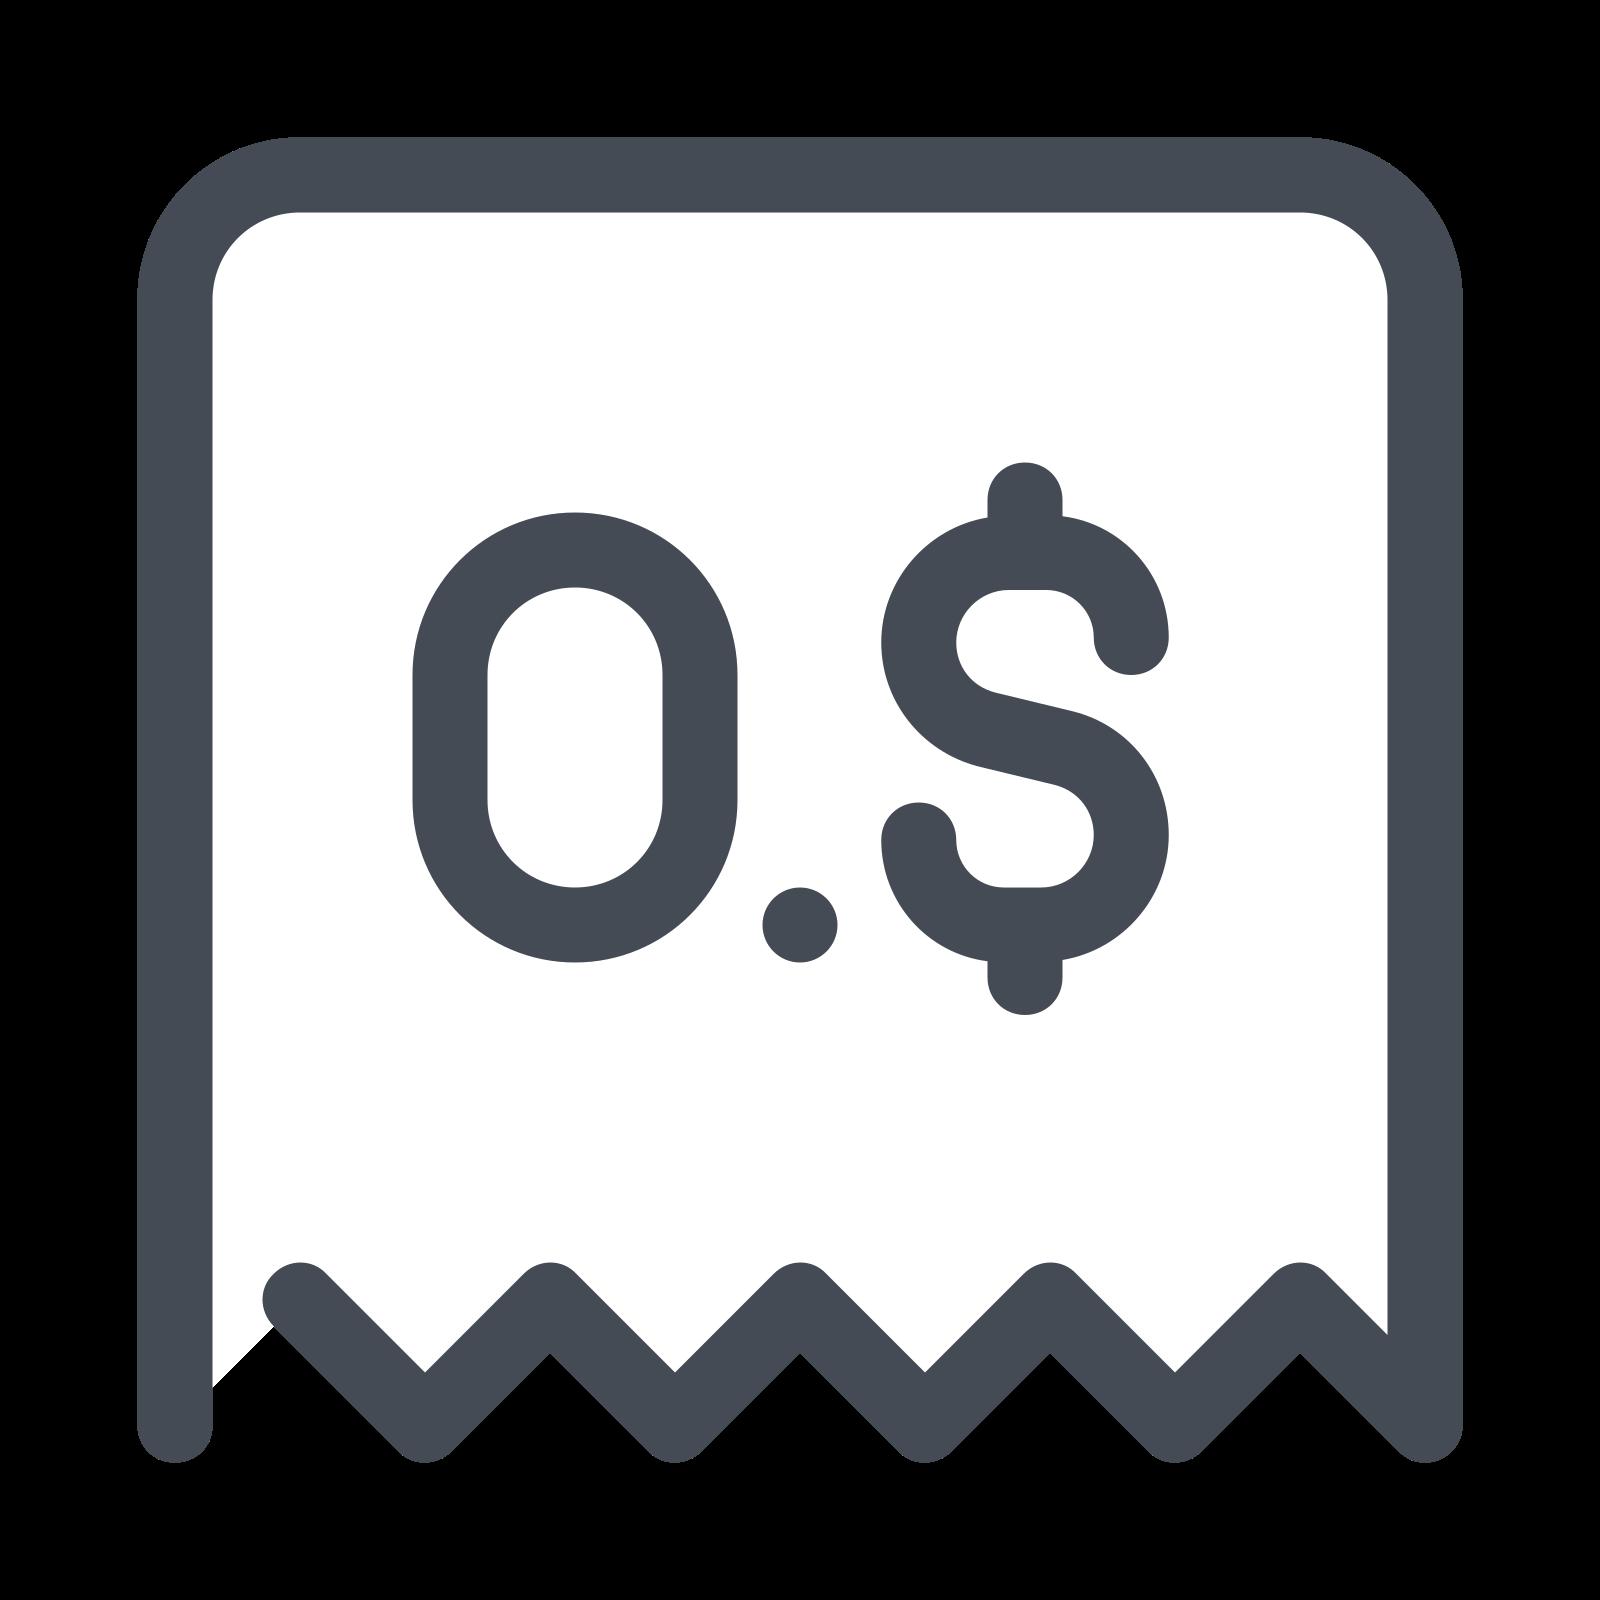 Отклоненный чек icon